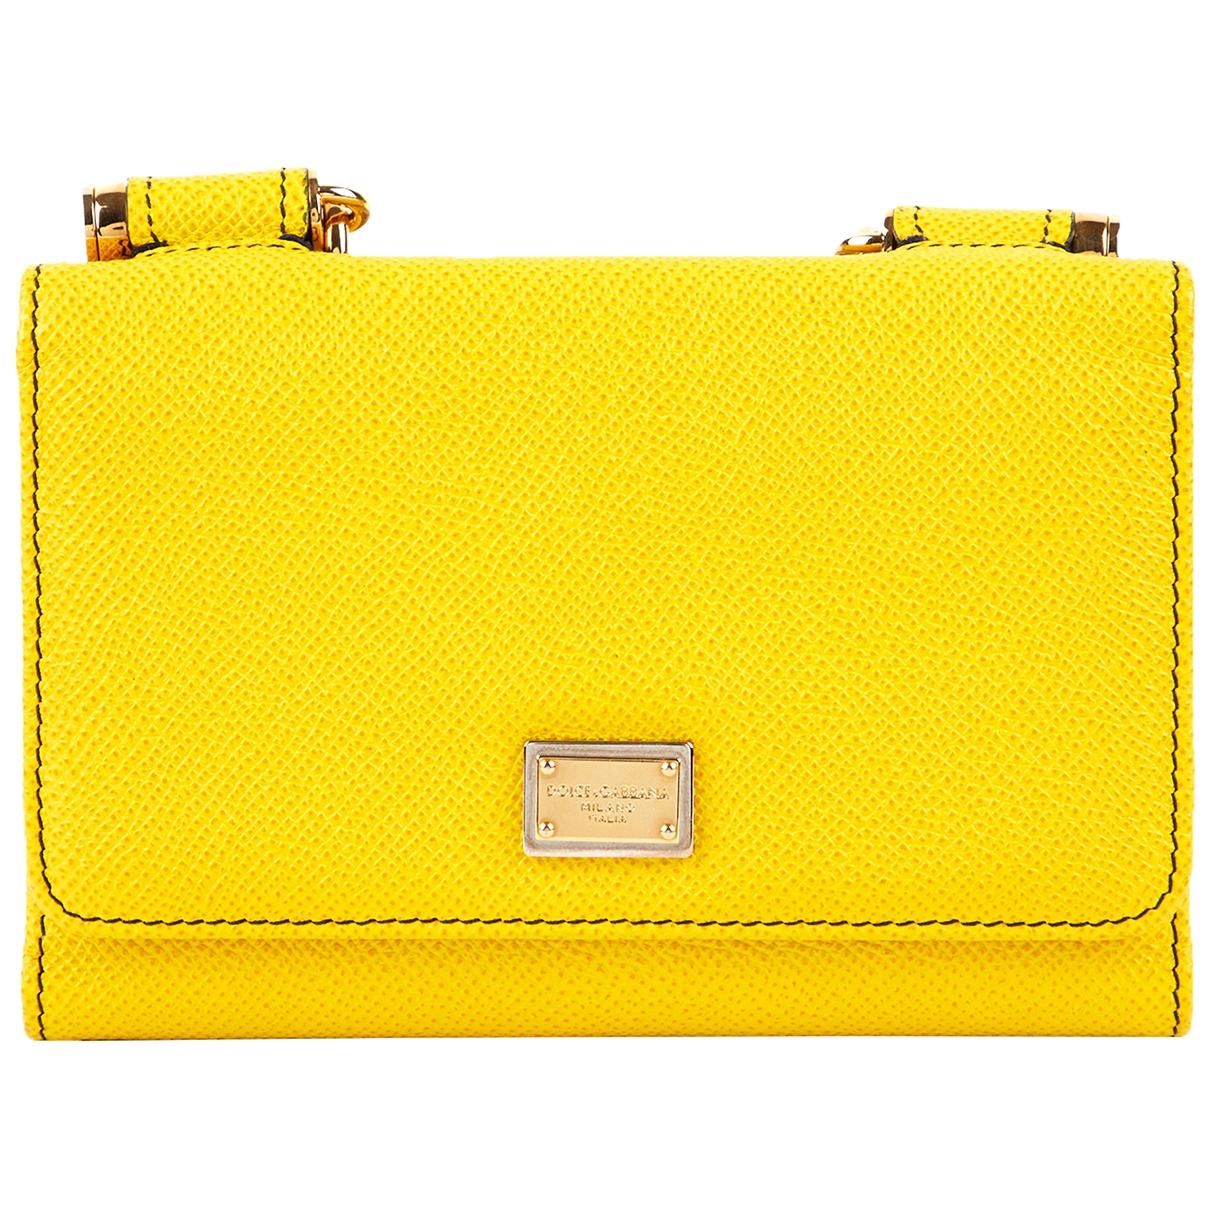 Dolce & Gabbana - Petite maroquinerie   pour femme en cuir - jaune